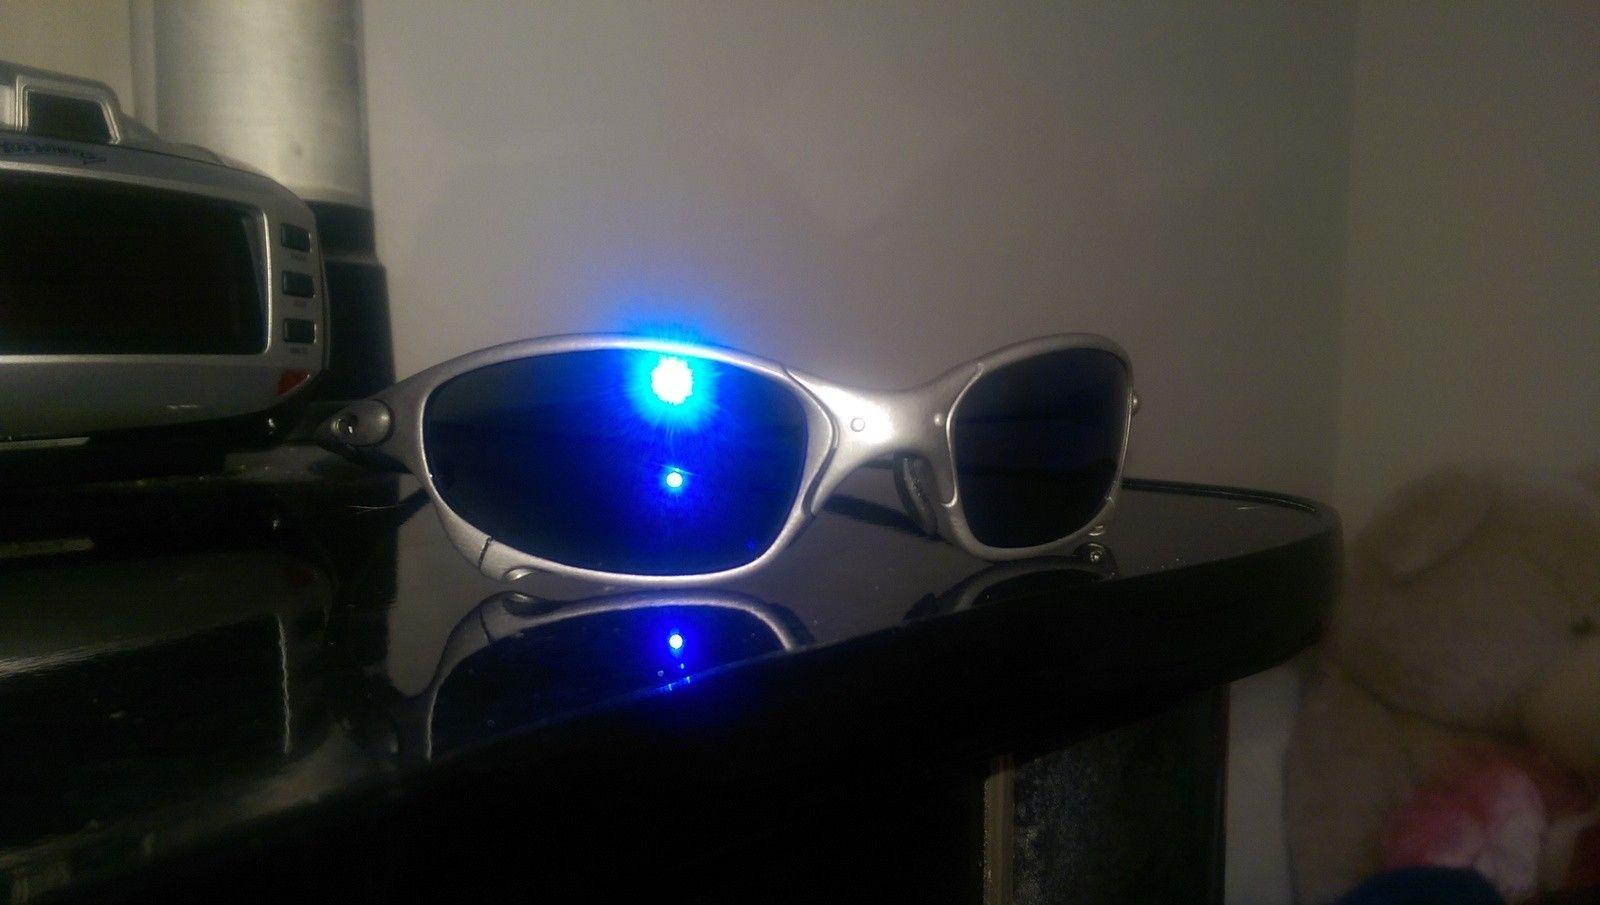 Ikon lenses - IMAG0606.jpg